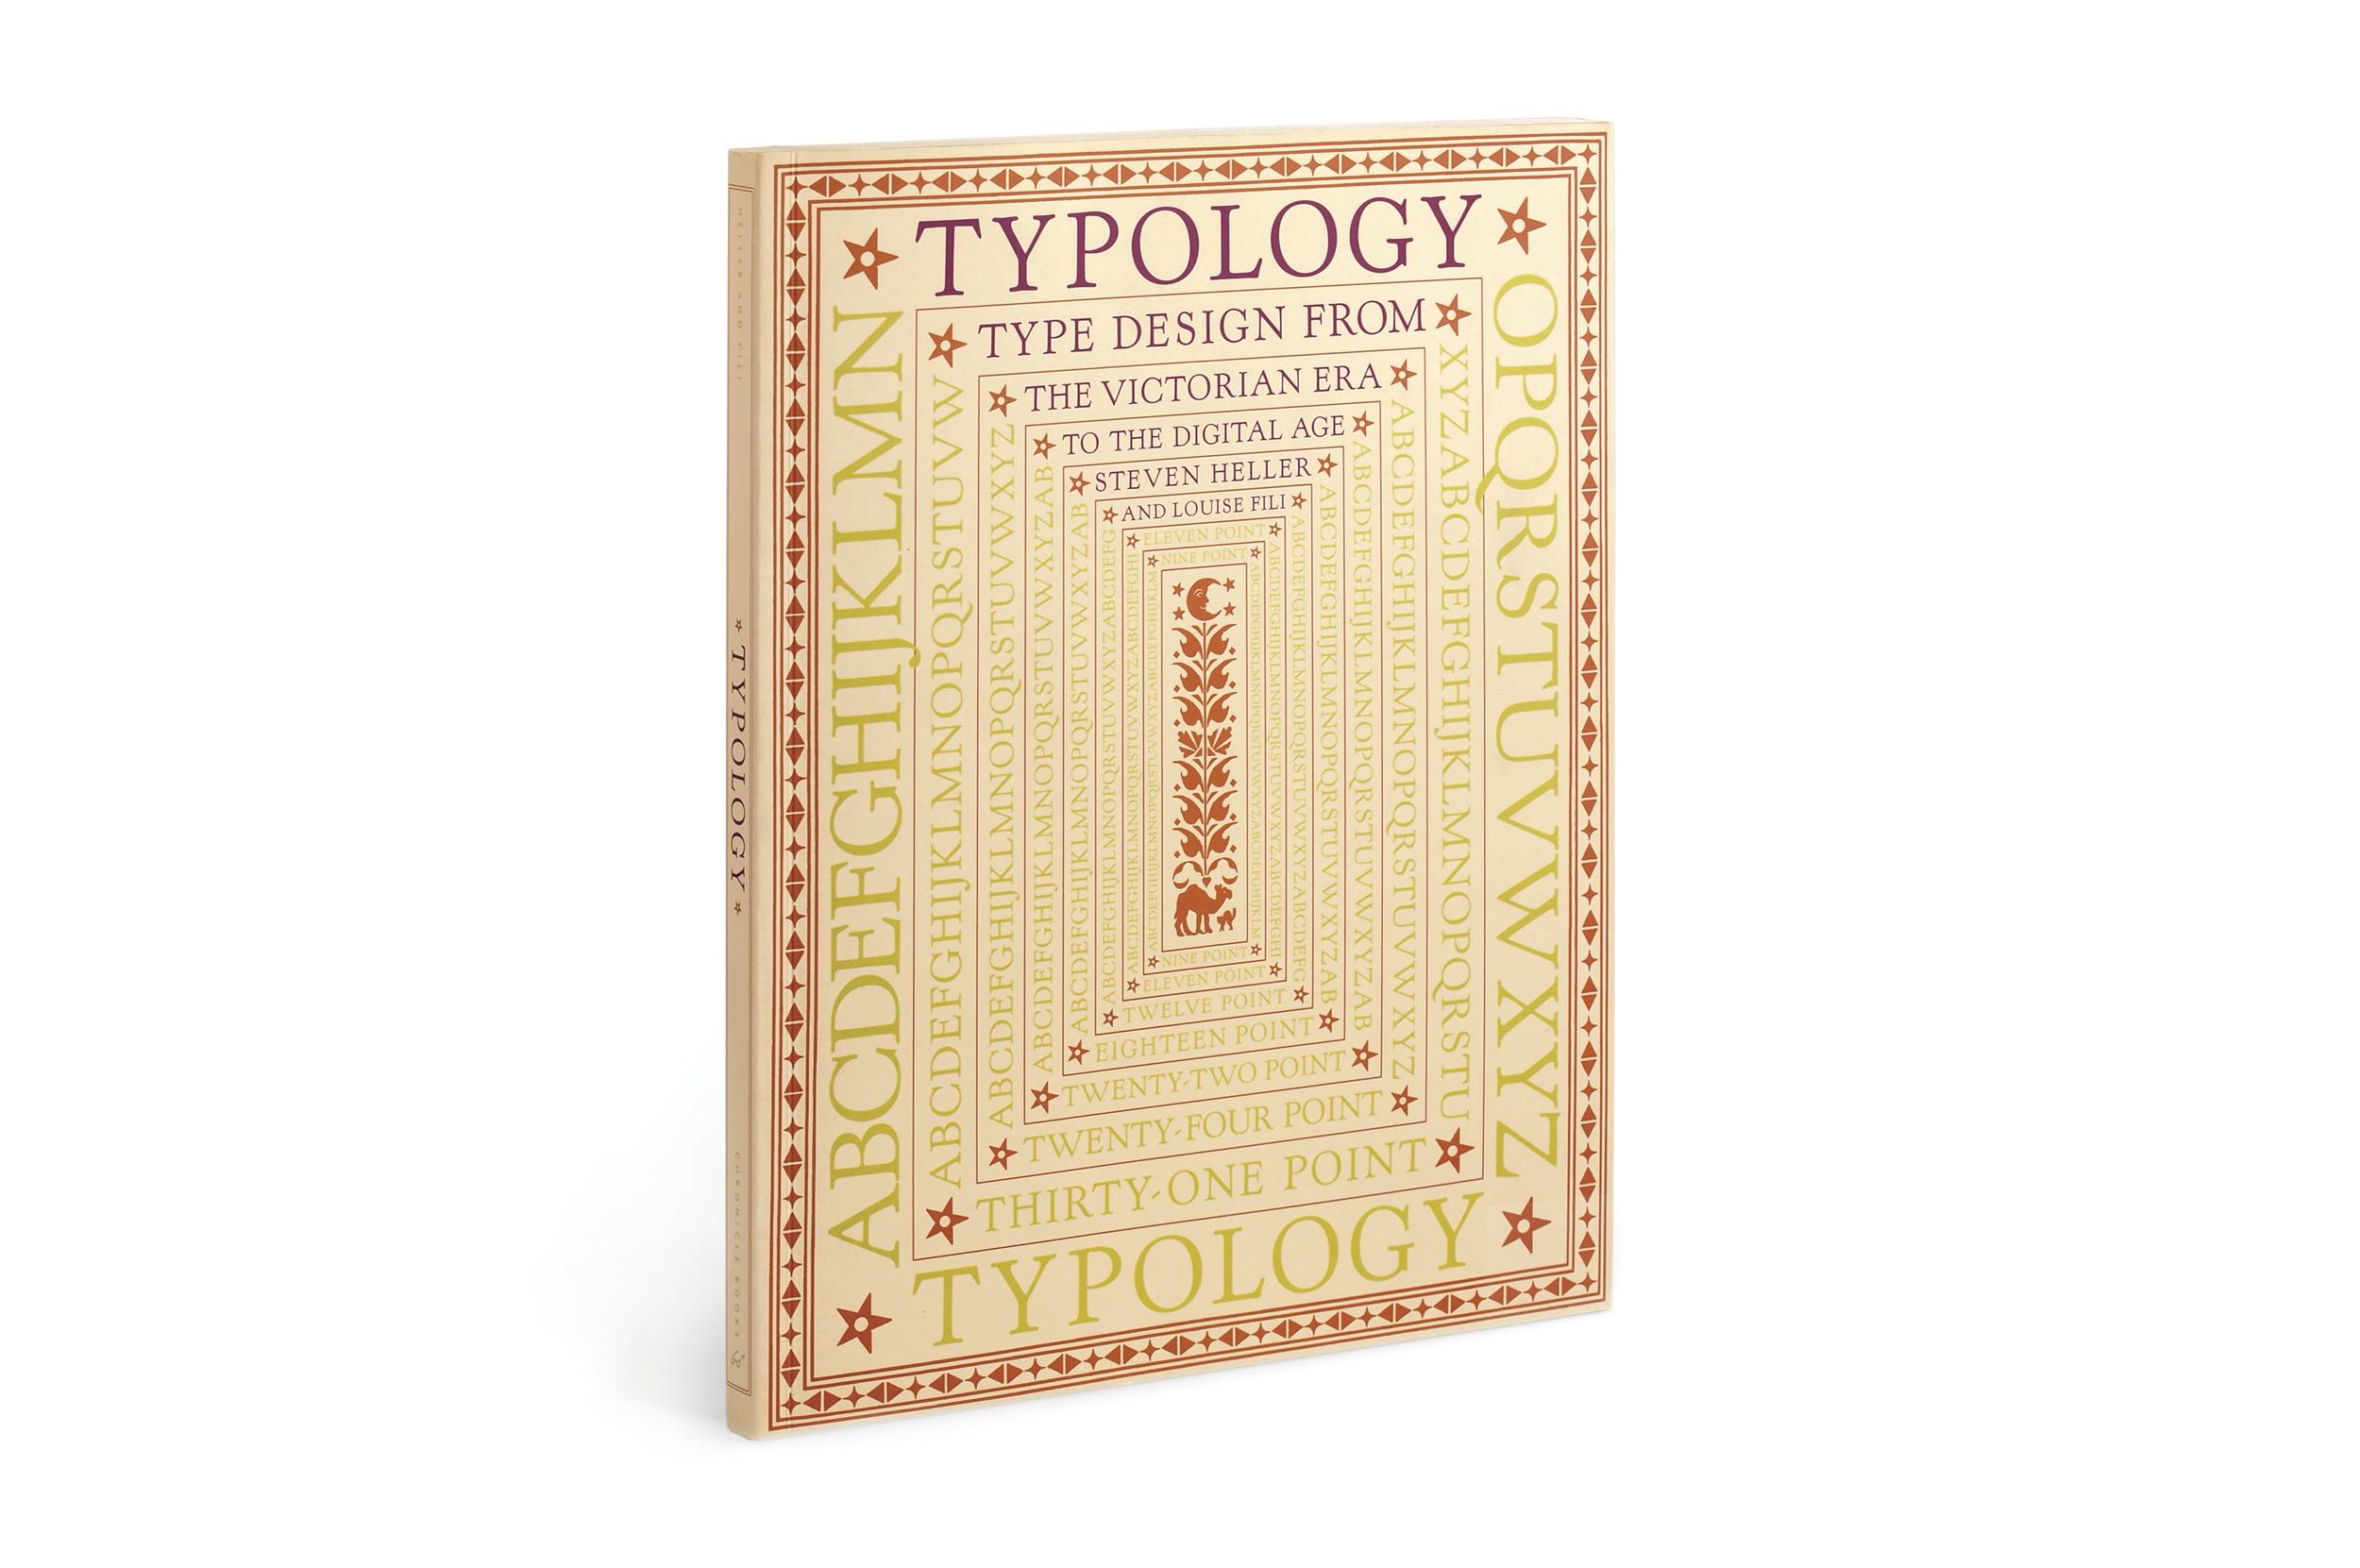 Typology_Slide1.jpg